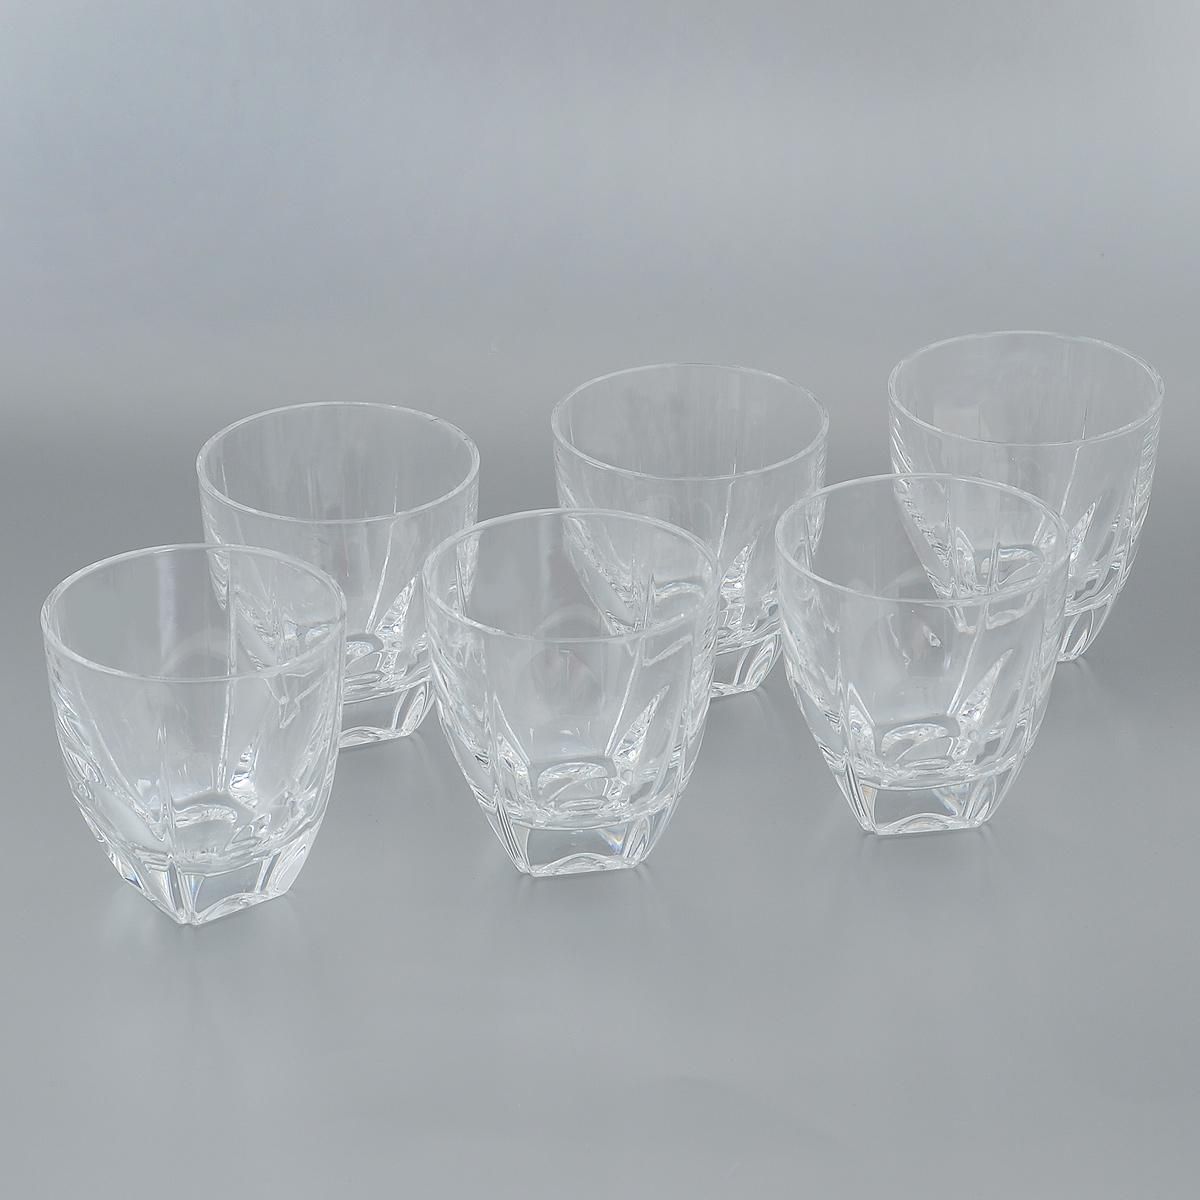 Набор стаканов Crystal Bohemia, 270 мл, 6 шт990/20500/0/37700/270-609Набор Crystal Bohemia состоит из шести стаканов. Изделия выполнены из прочного высококачественного хрусталя. Они излучают приятный блеск и издают мелодичный звон. Набор предназначен для подачи виски, бренди или коктейлей. Набор Crystal Bohemia прекрасно оформит интерьер кабинета или гостиной и станет отличным дополнением бара. Такой набор также станет хорошим подарком к любому случаю. Диаметр по верхнему краю: 8,5 см. Высота стакана: 9 см. Размер основания: 3,8 см х 3,8 см.